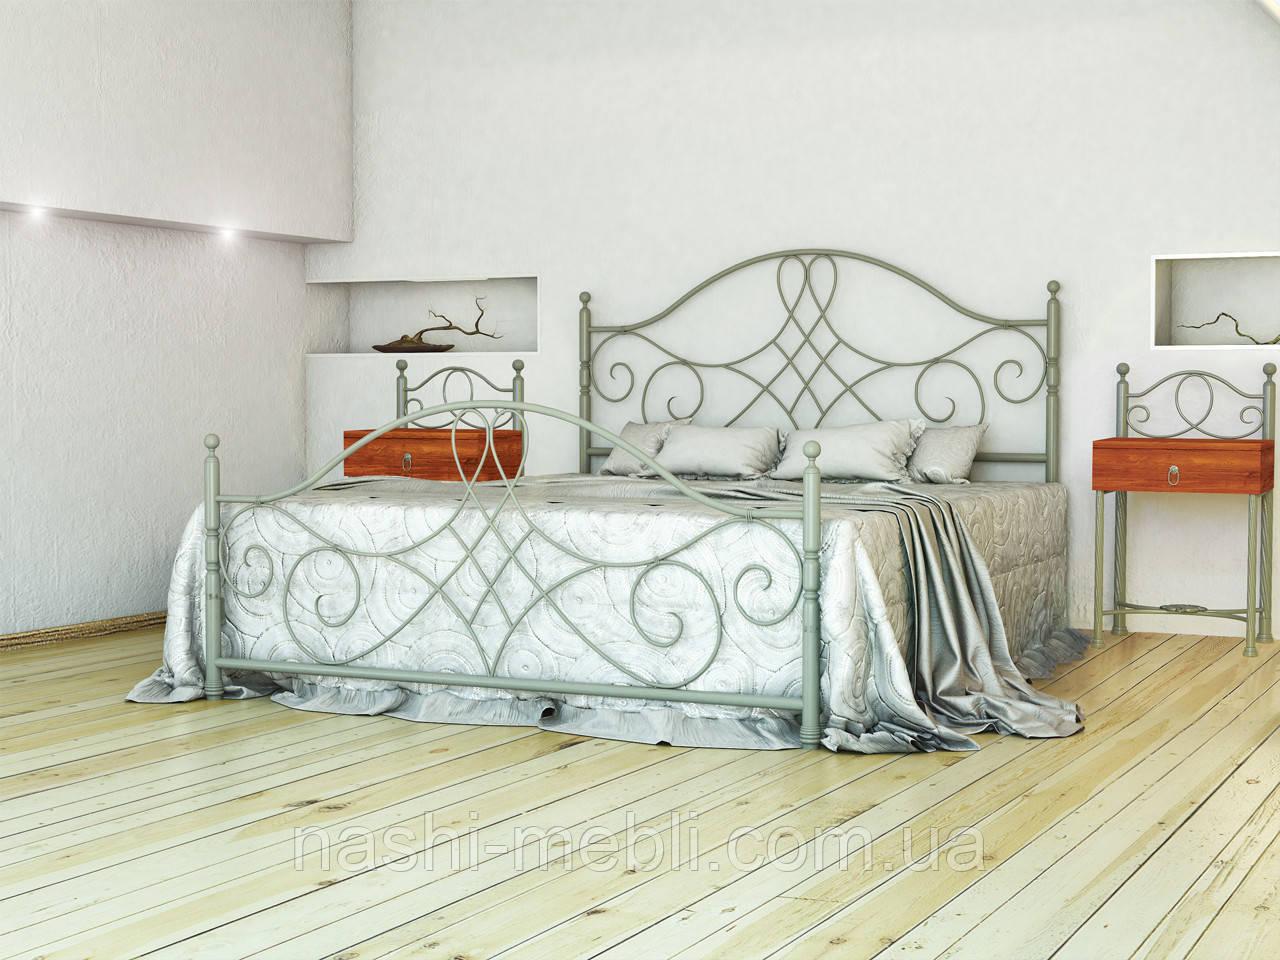 Металеве ліжко Parma (Парма)